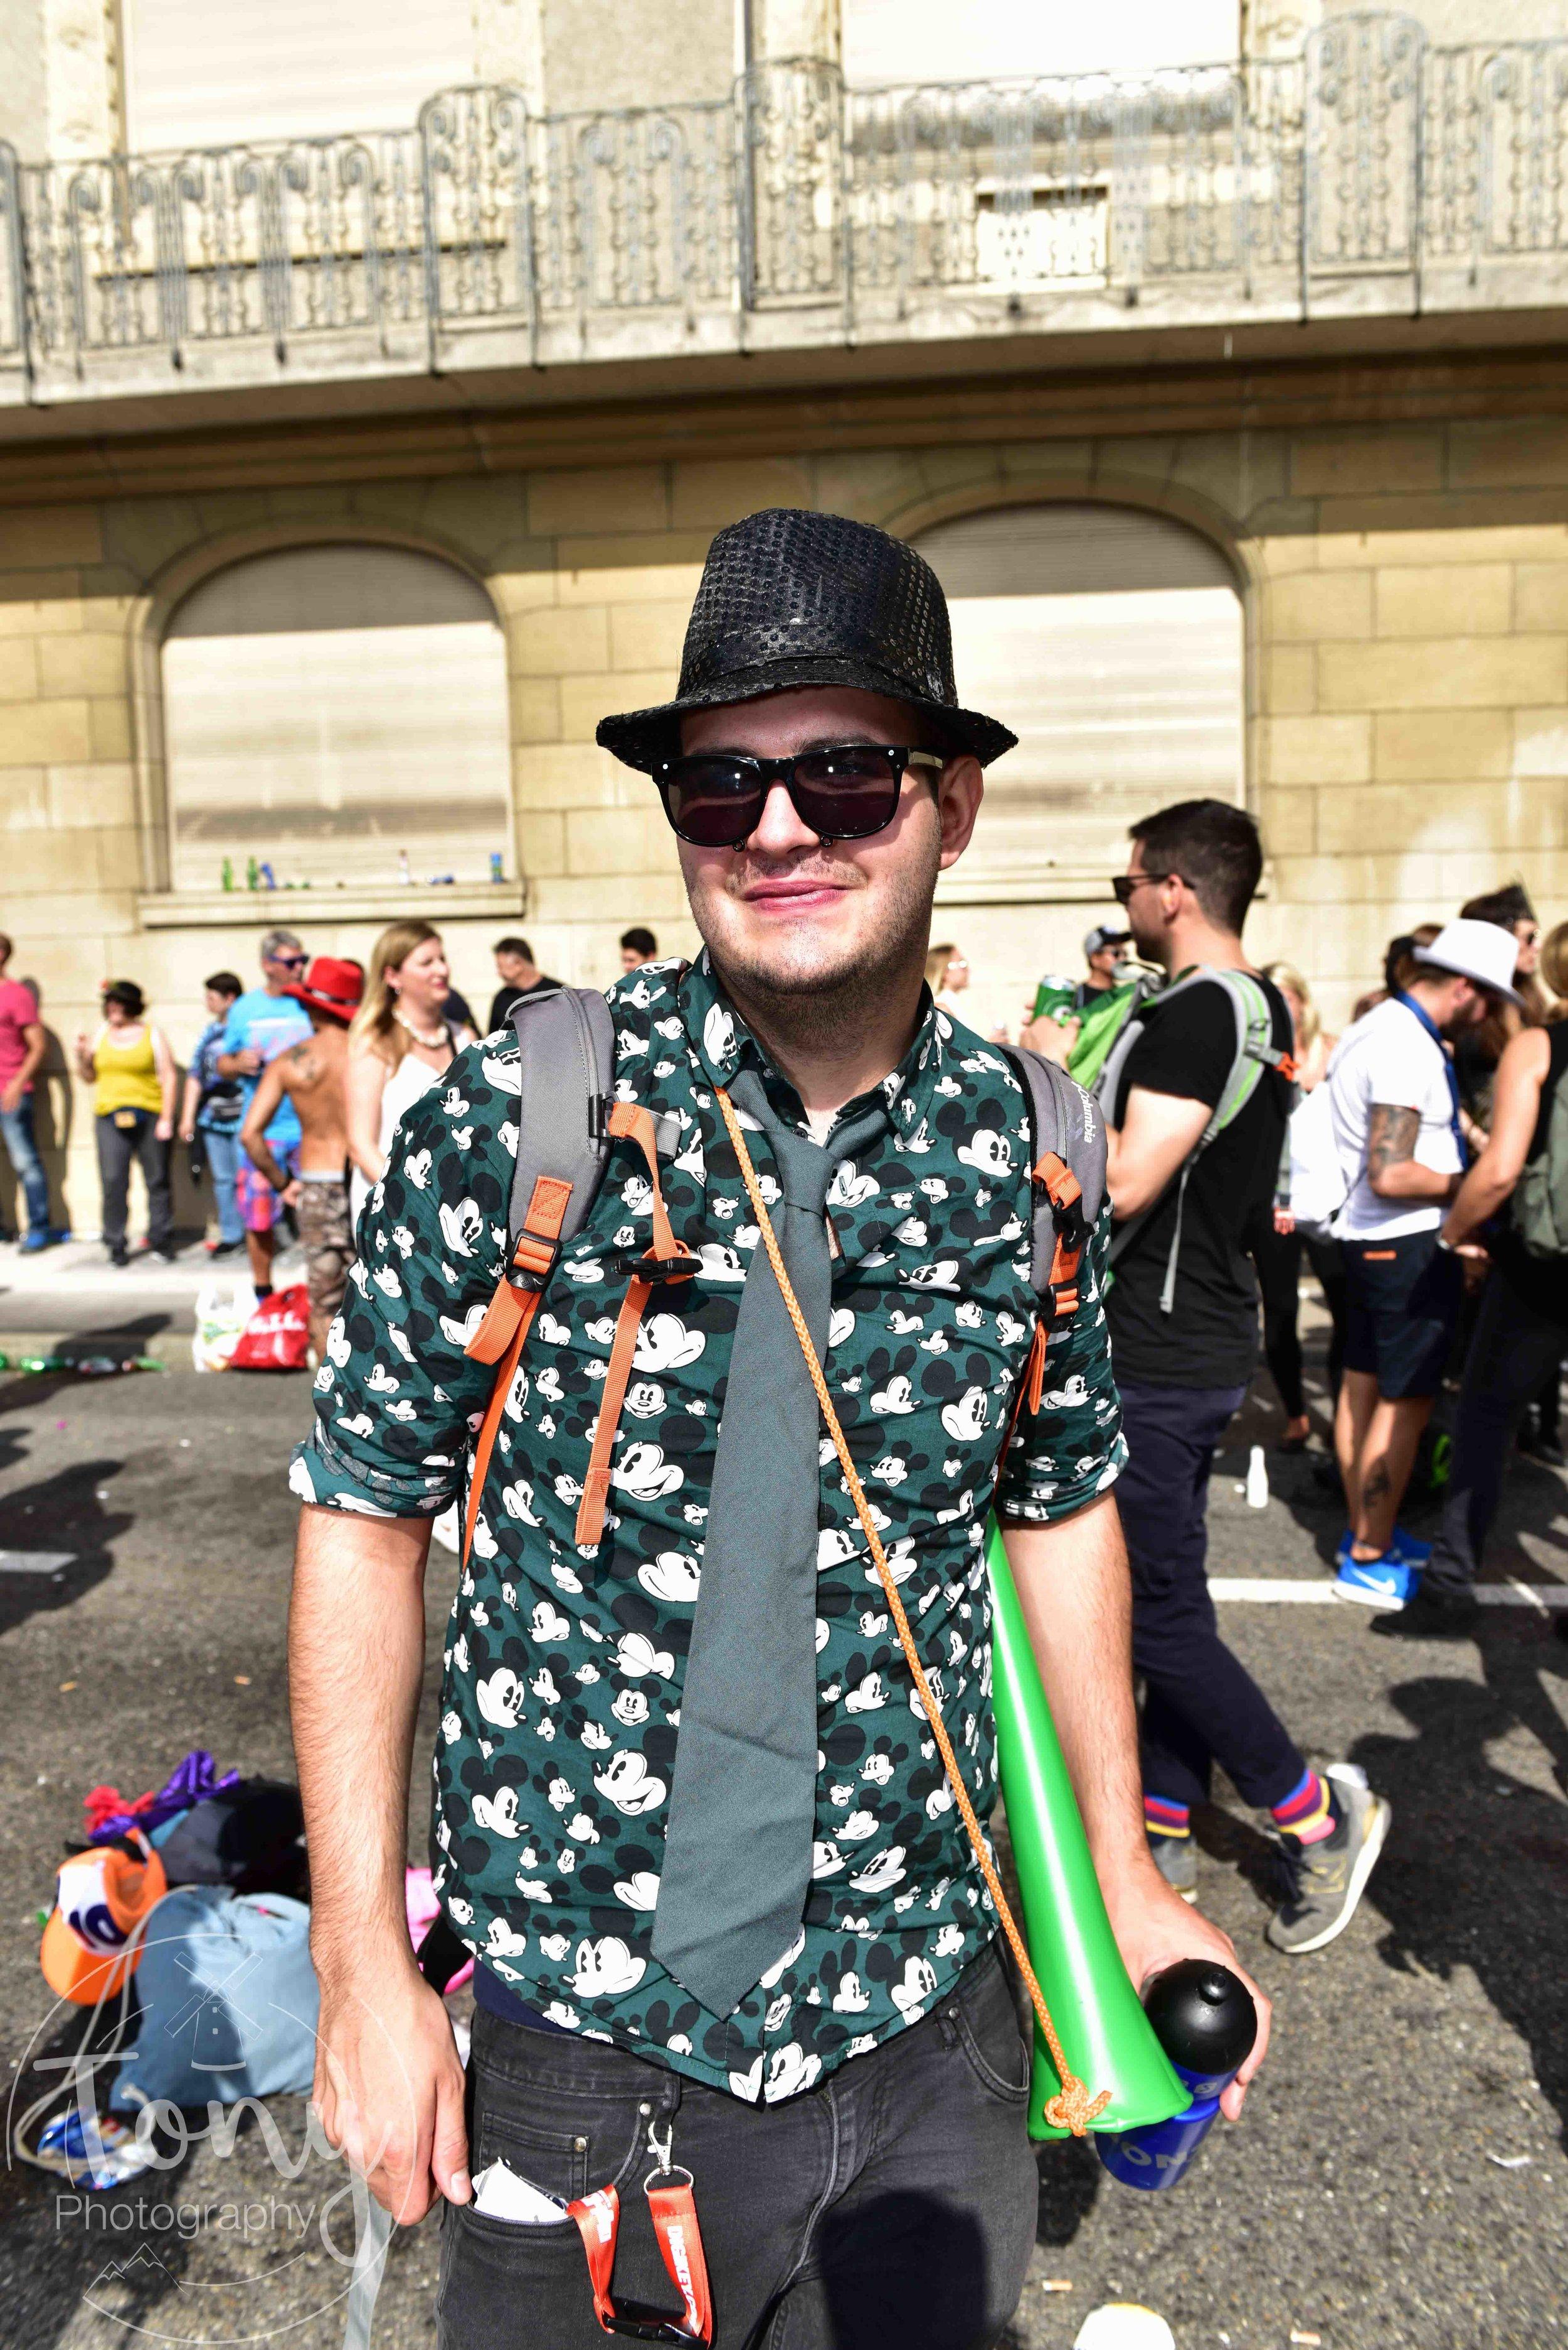 streetparade-166.jpg